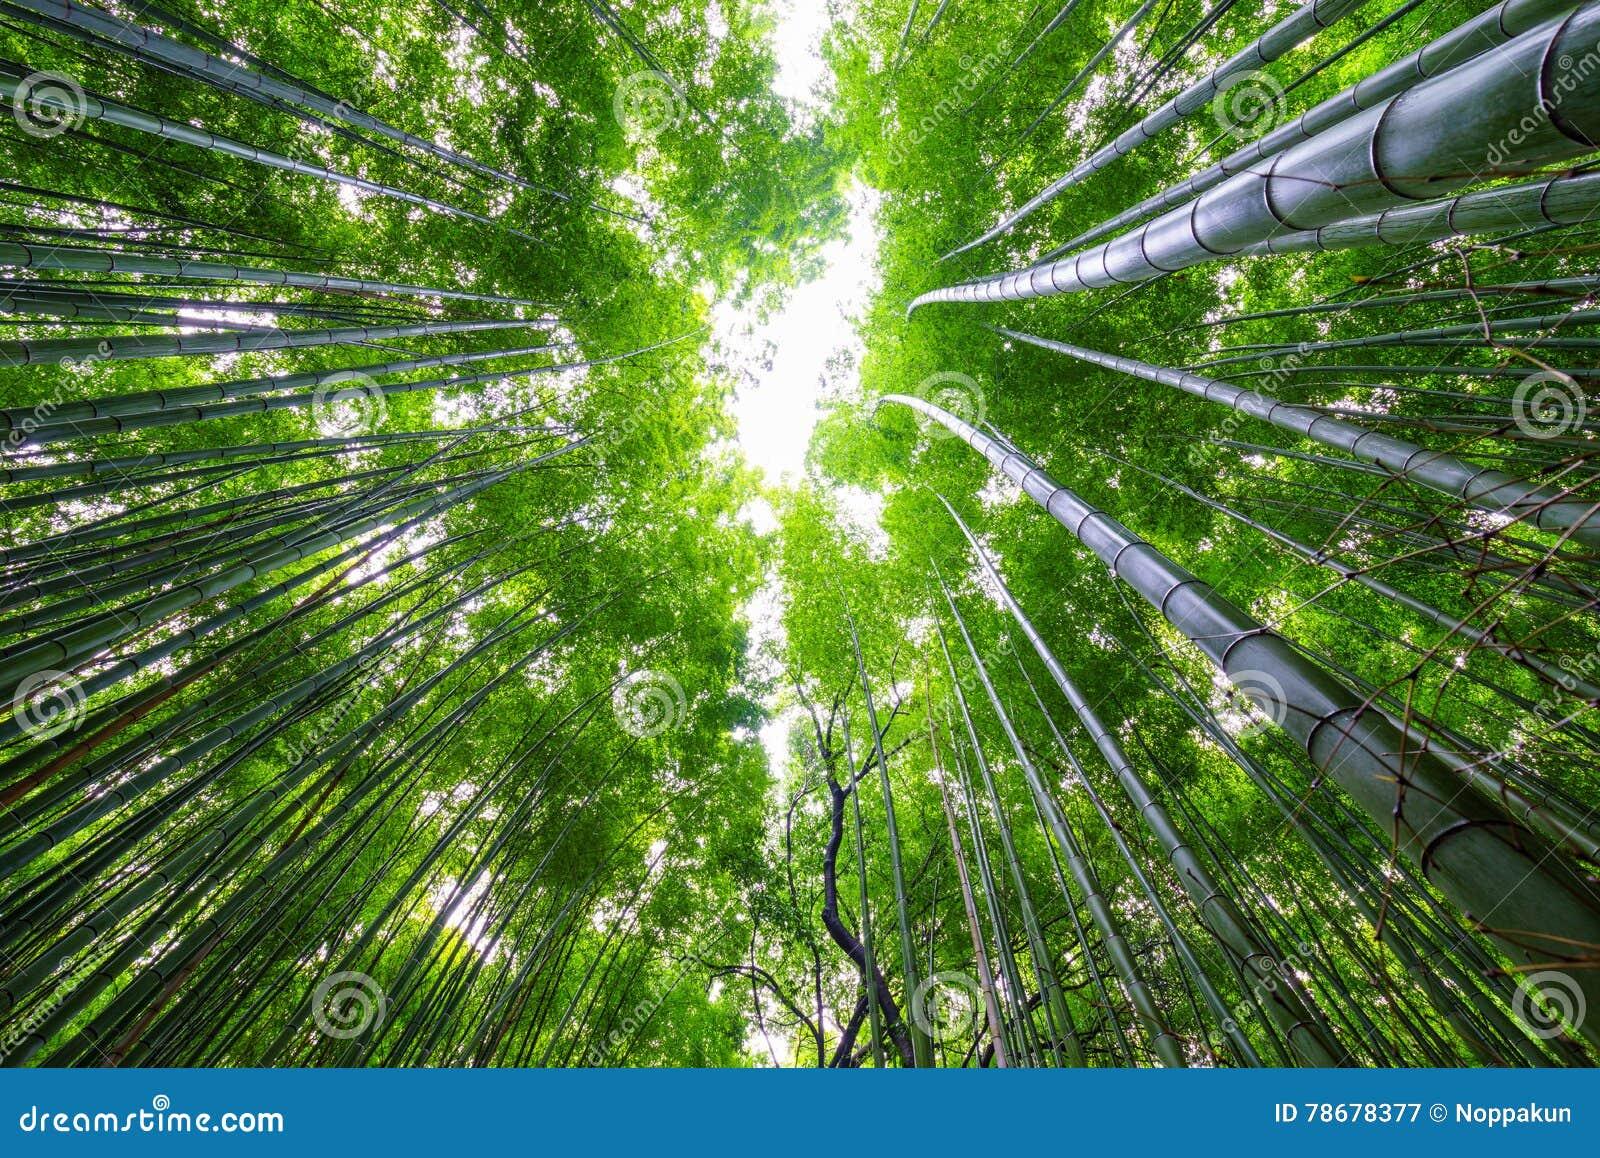 Бамбуковый лес, Arashiyama, Киото, Япония